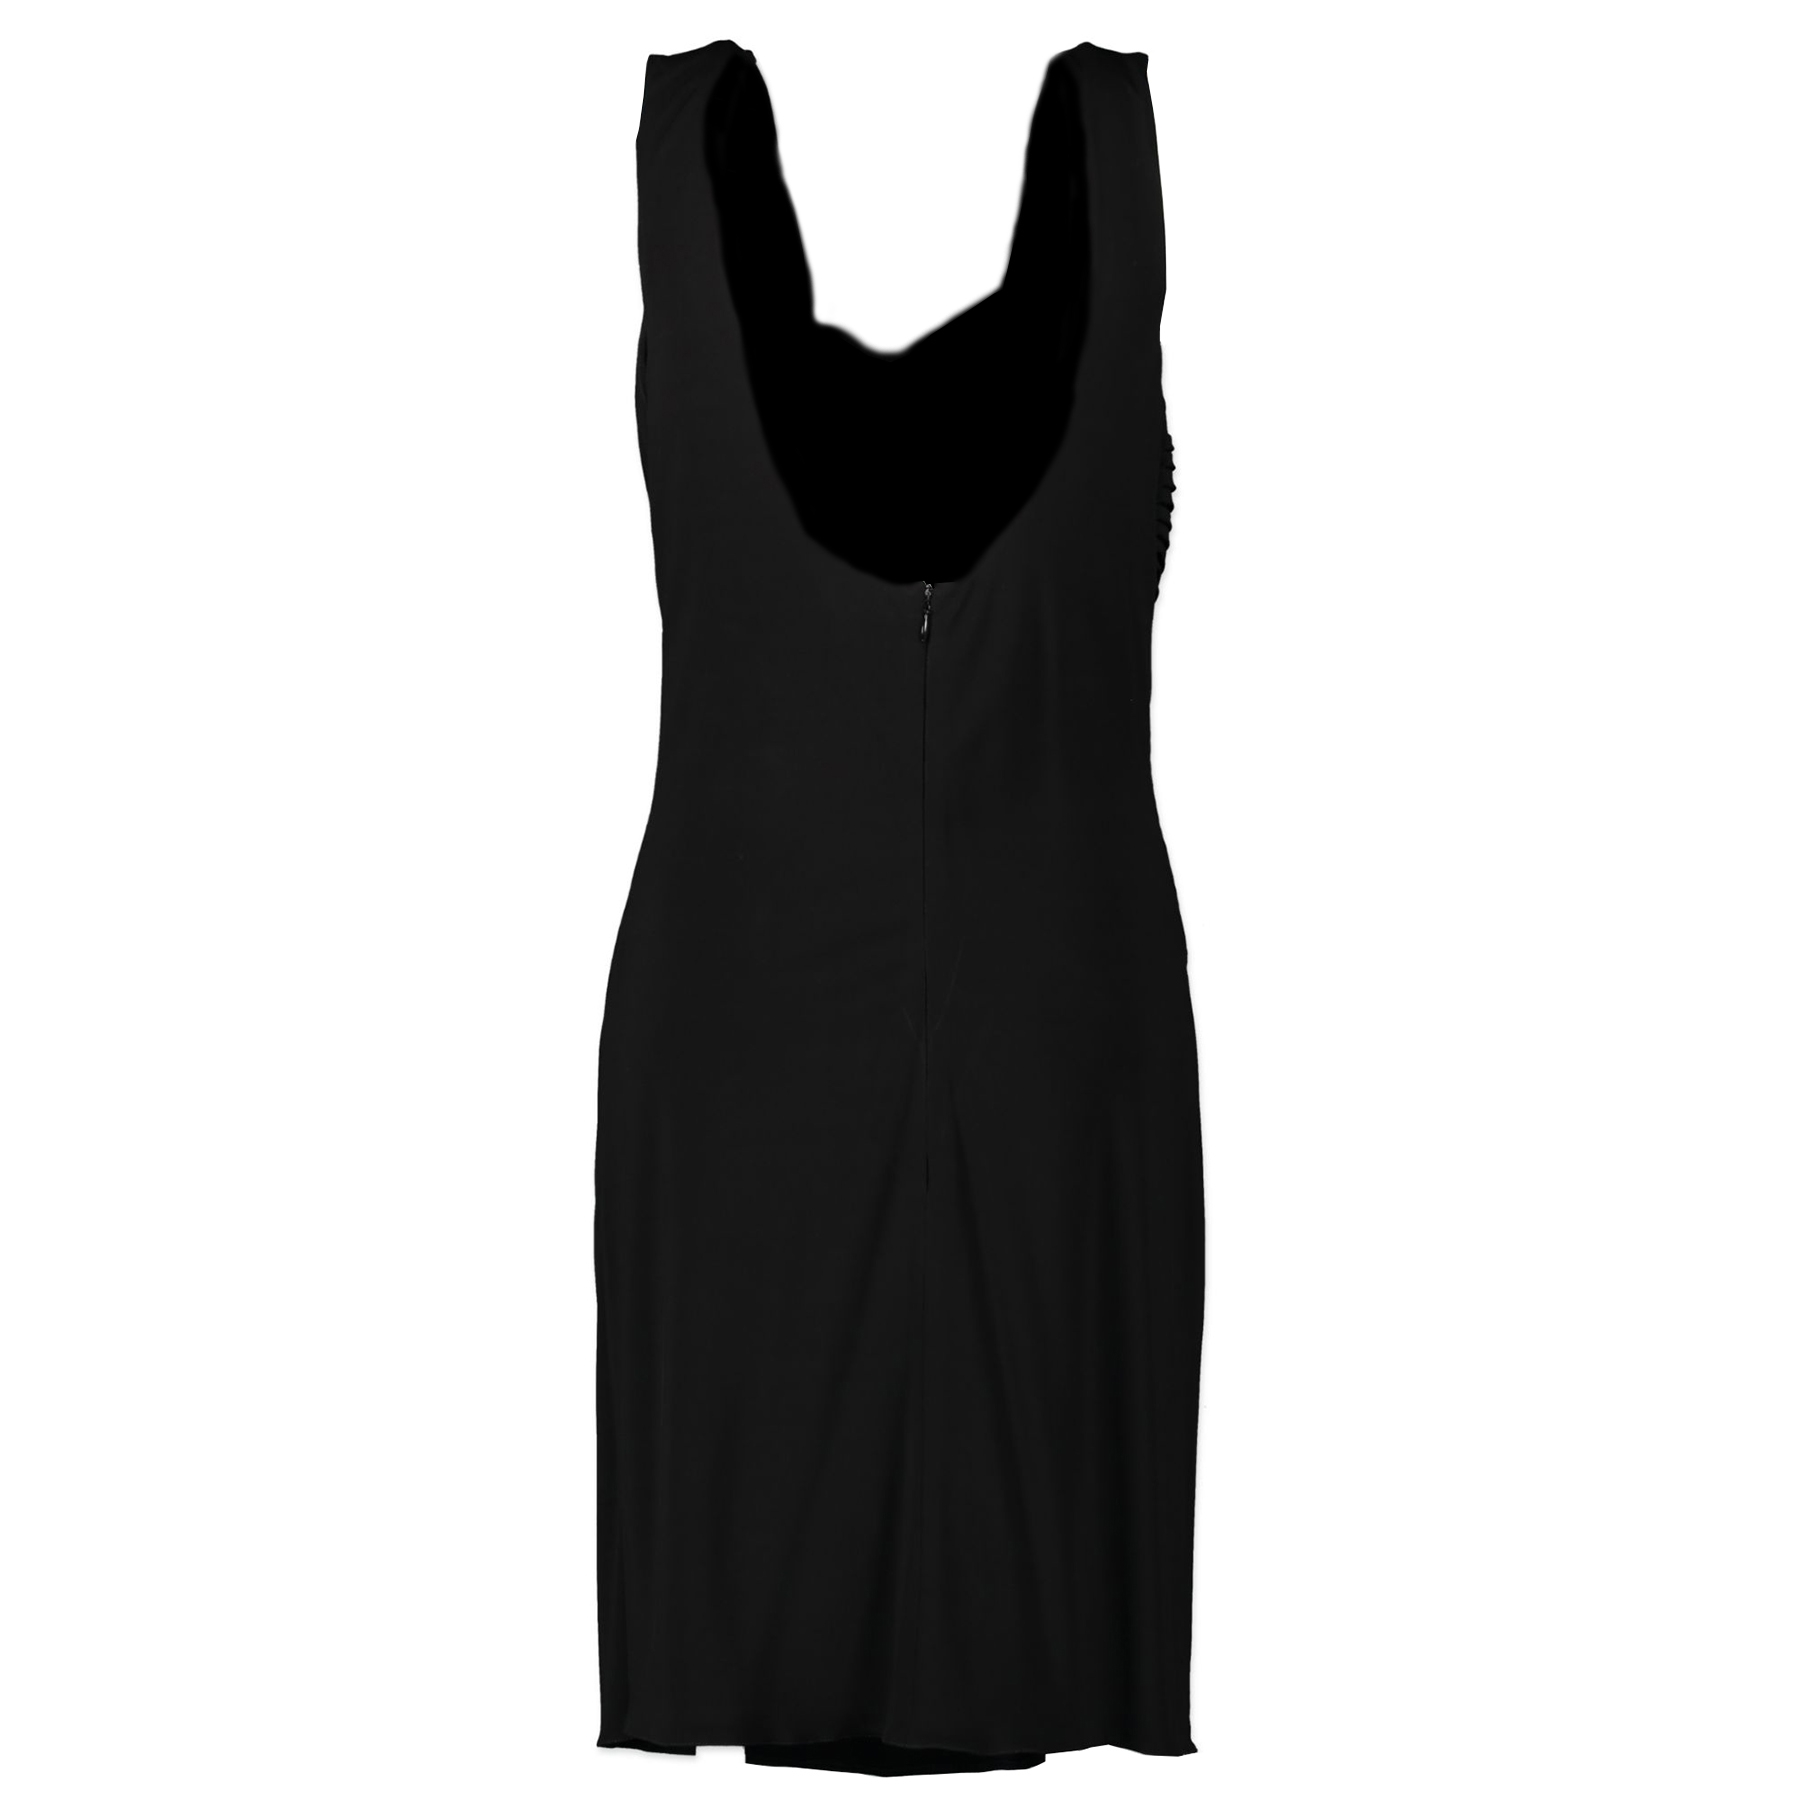 Authentieke Tweedehands Elie Saab Black Low Cut Bodycon Dress - Size 44 juiste prijs veilig online shoppen luxe merken webshop winkelen Antwerpen België mode fashion